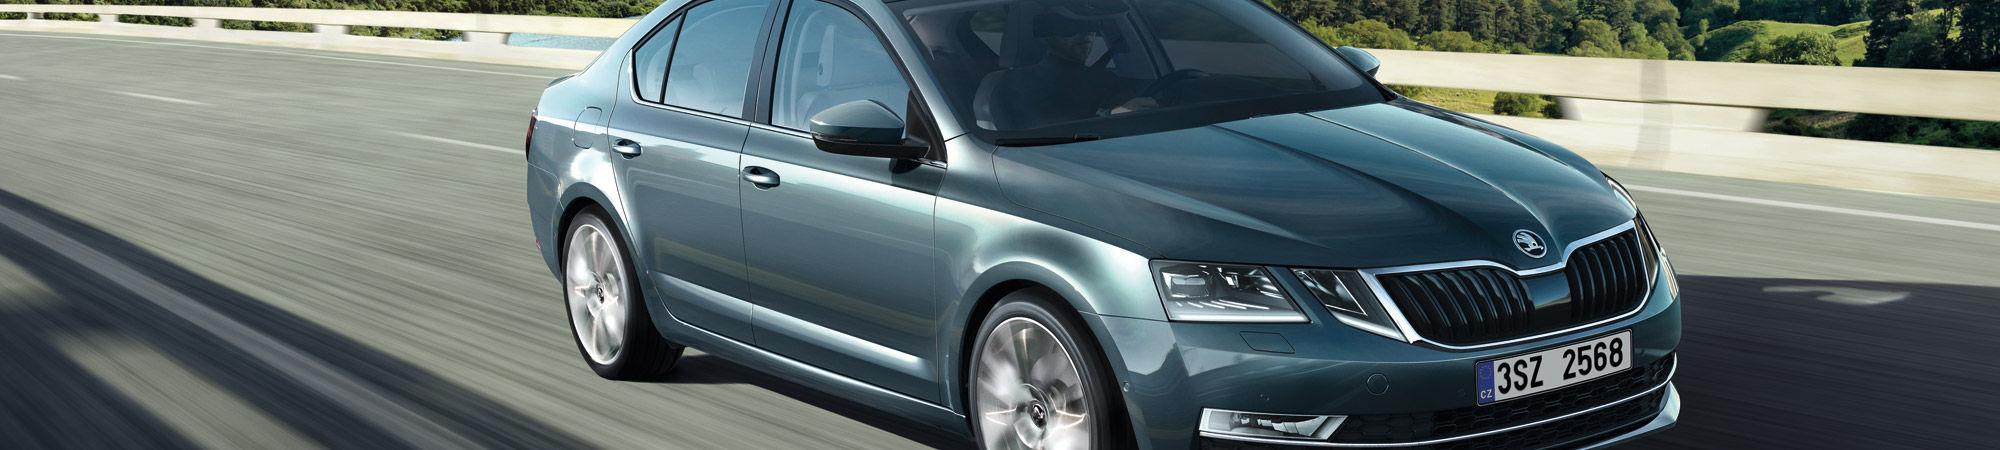 Vertailujen kestomenestyjä Škoda Octavia